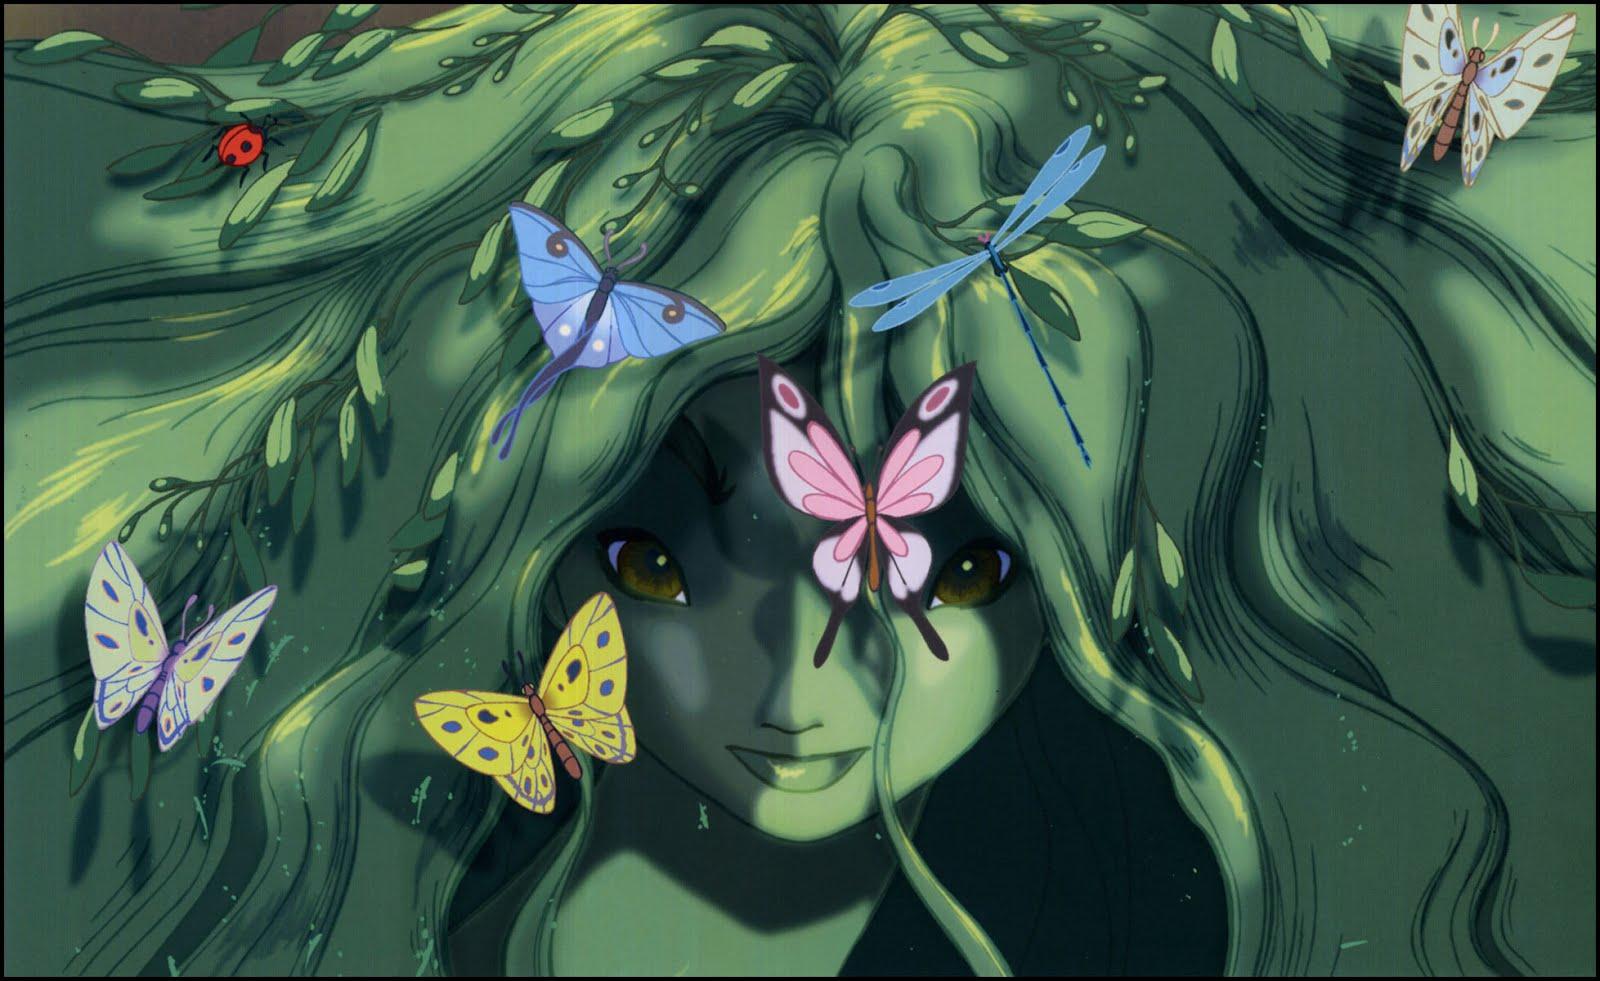 http://3.bp.blogspot.com/-WGcPkp11DJs/T-VK-24QWEI/AAAAAAAAUzw/QQwVY5jueiM/s1600/Disney_FirebirdSuite_100.jpg